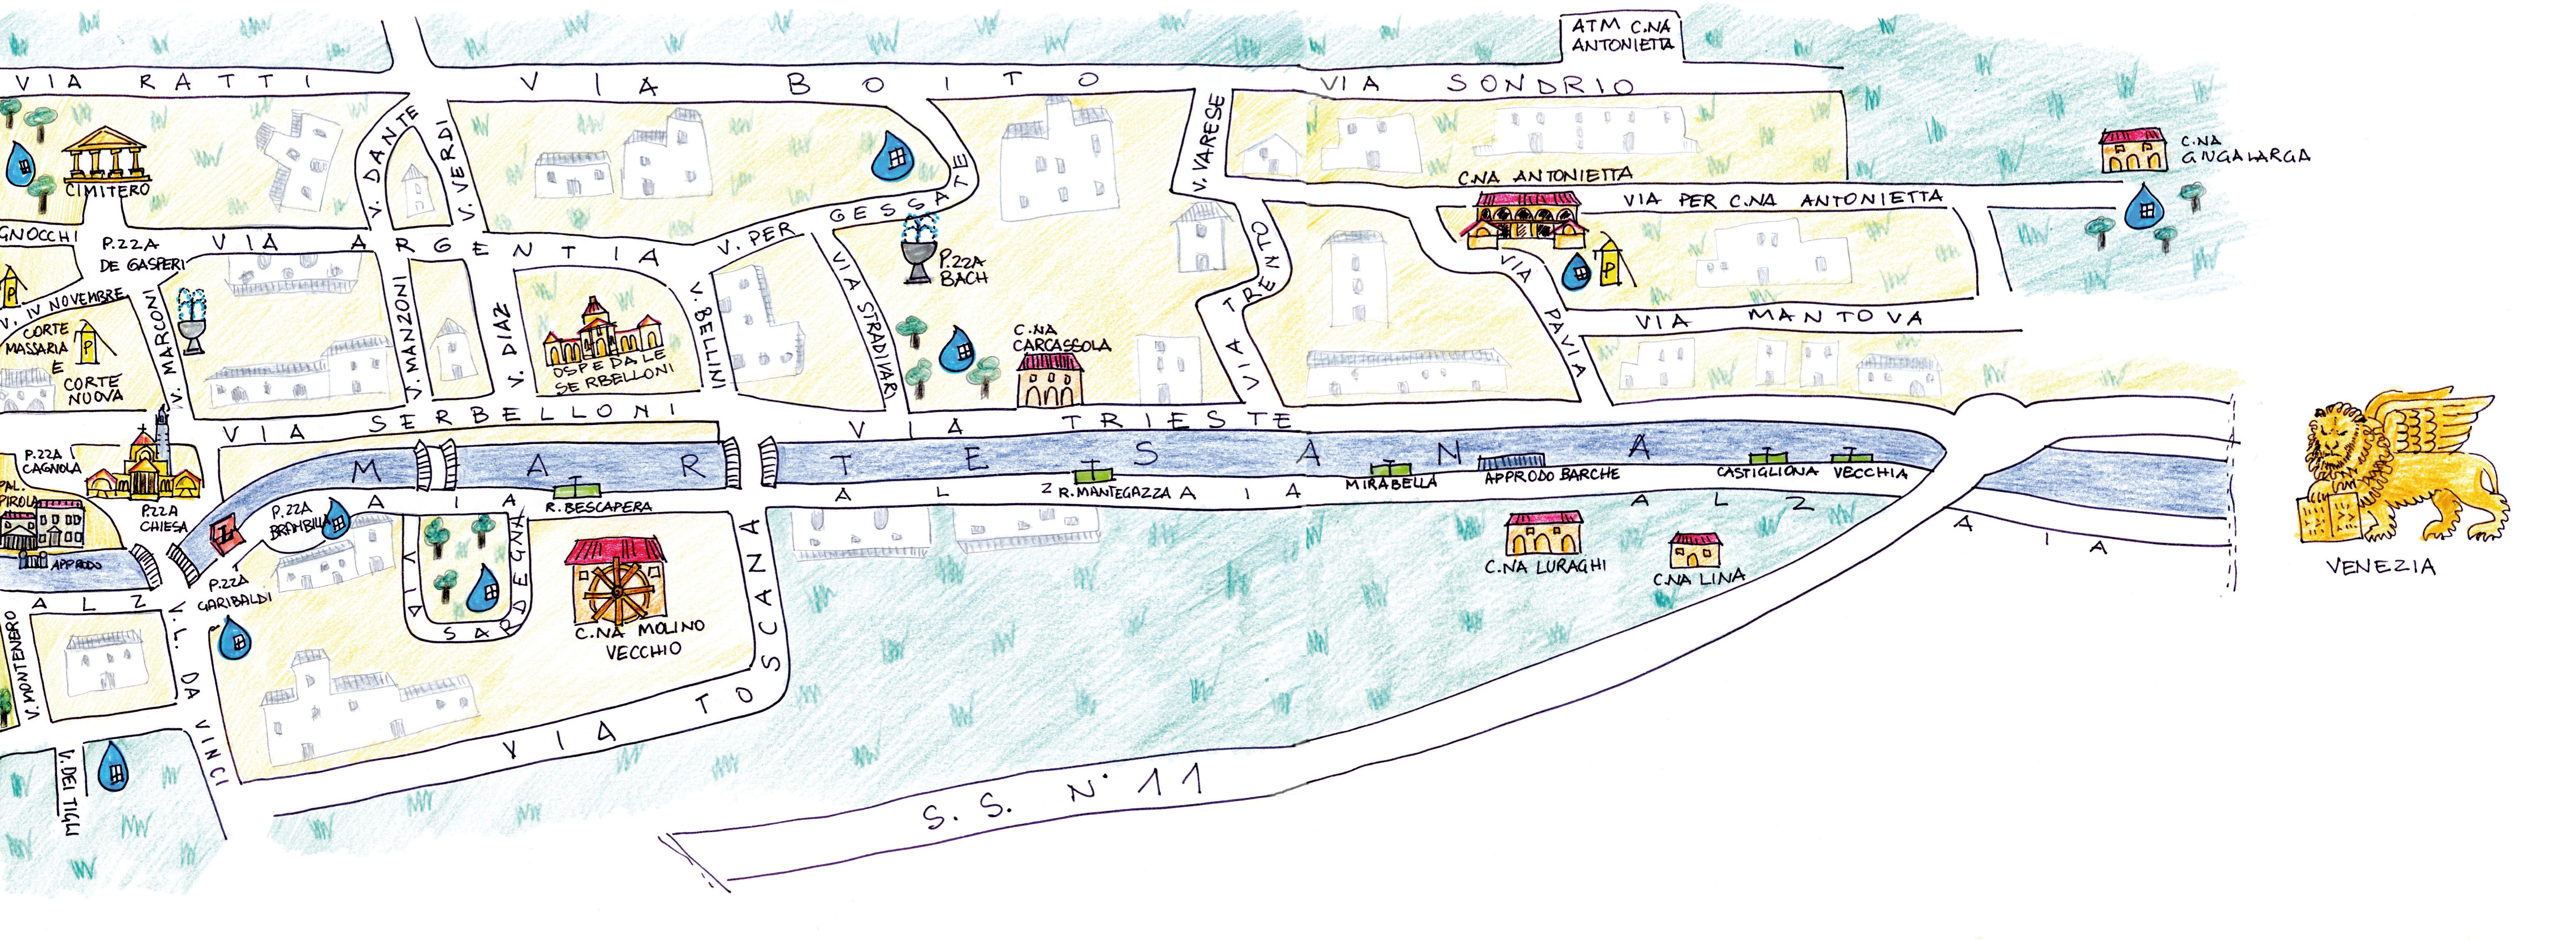 mappa delle acque seconda parte